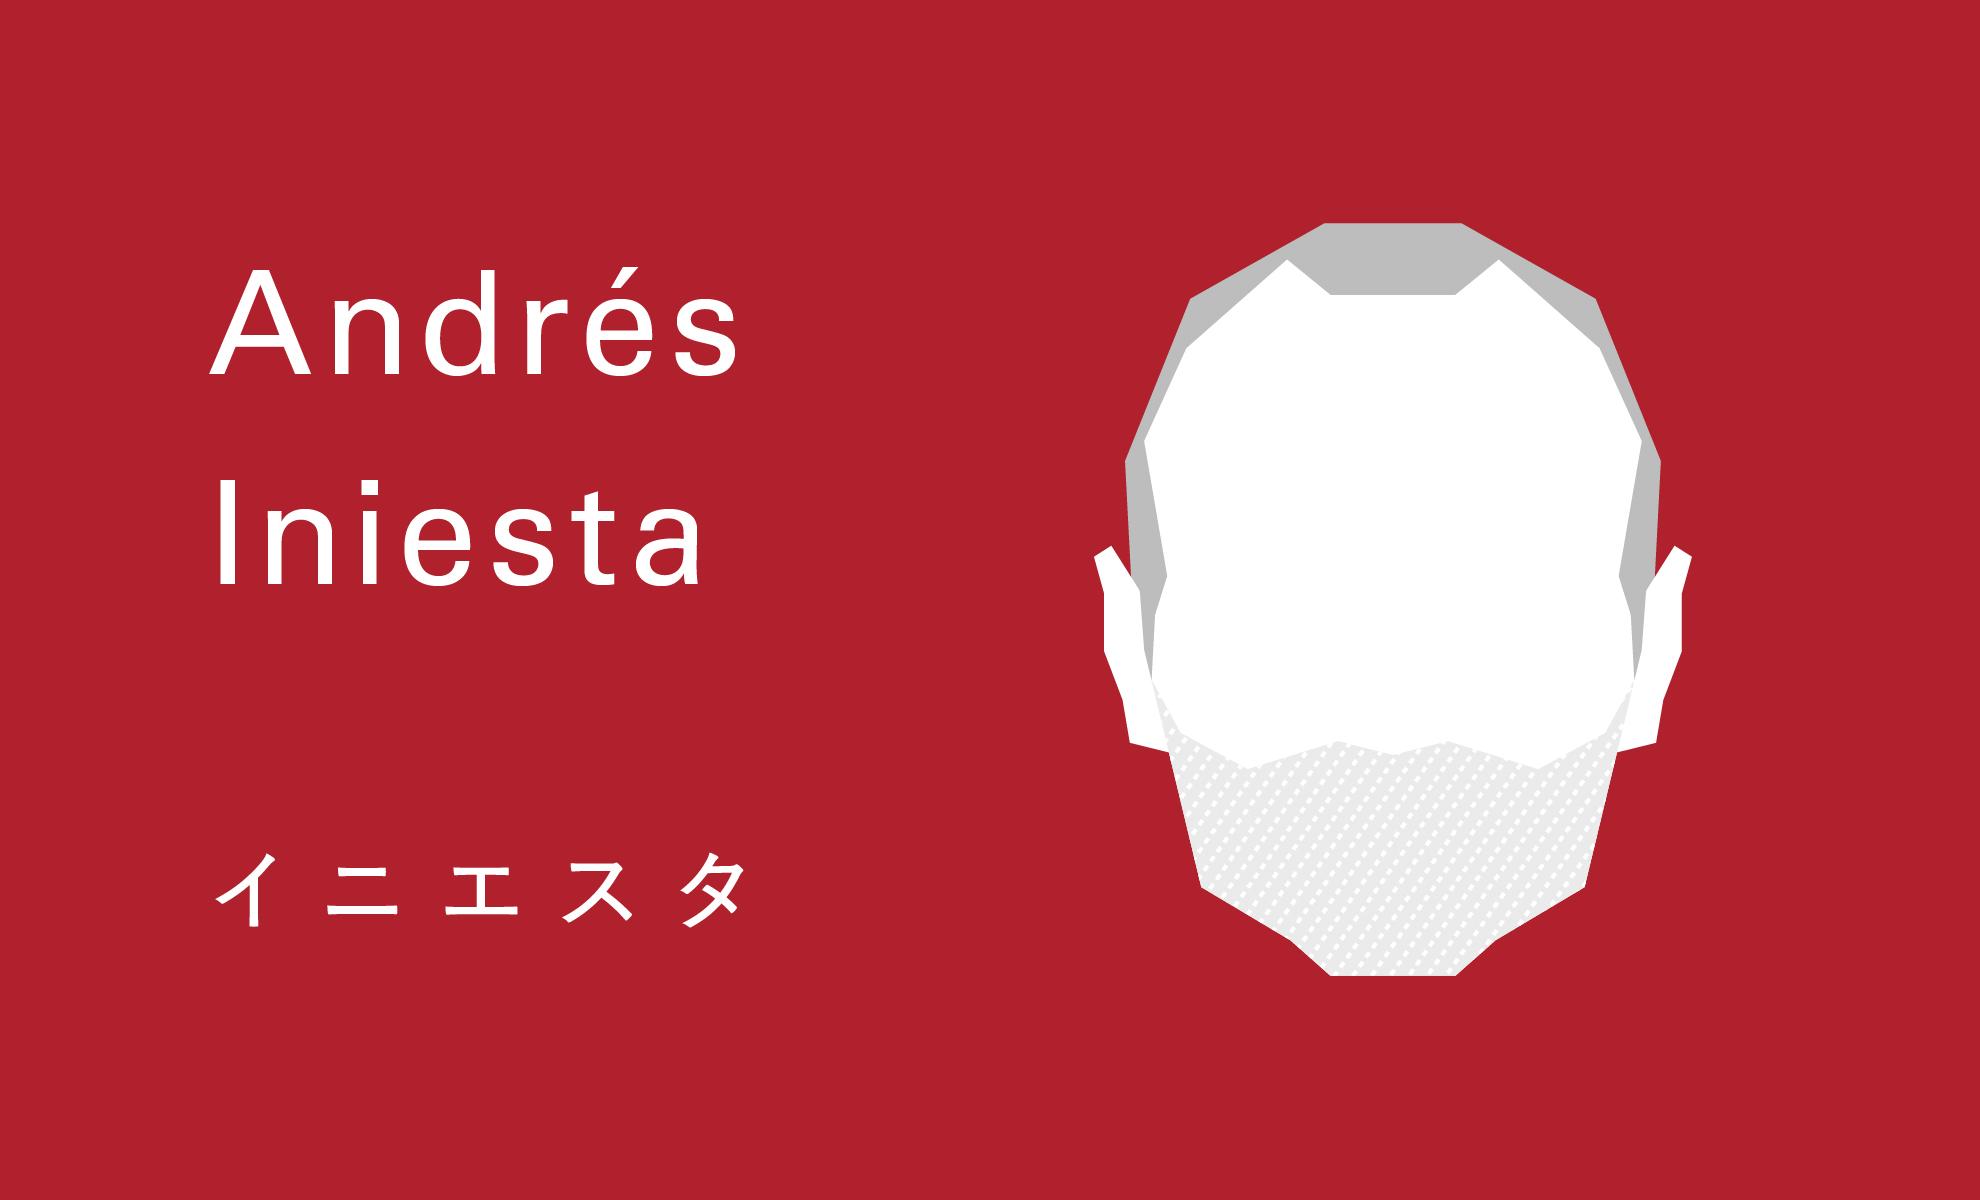 アンドレス・イニエスタの名言からの学び。[内側の想いを大切に生きる]のイラスト1